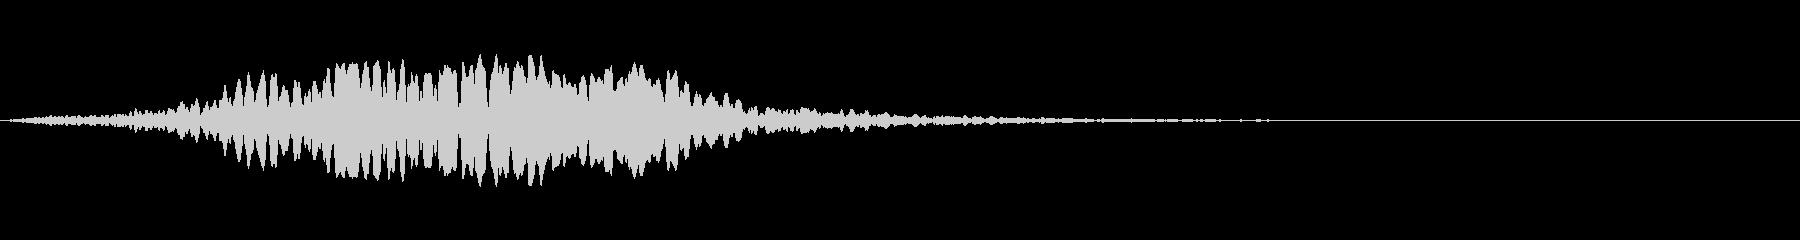 ソナー:ロングプローブピン、SCI...の未再生の波形